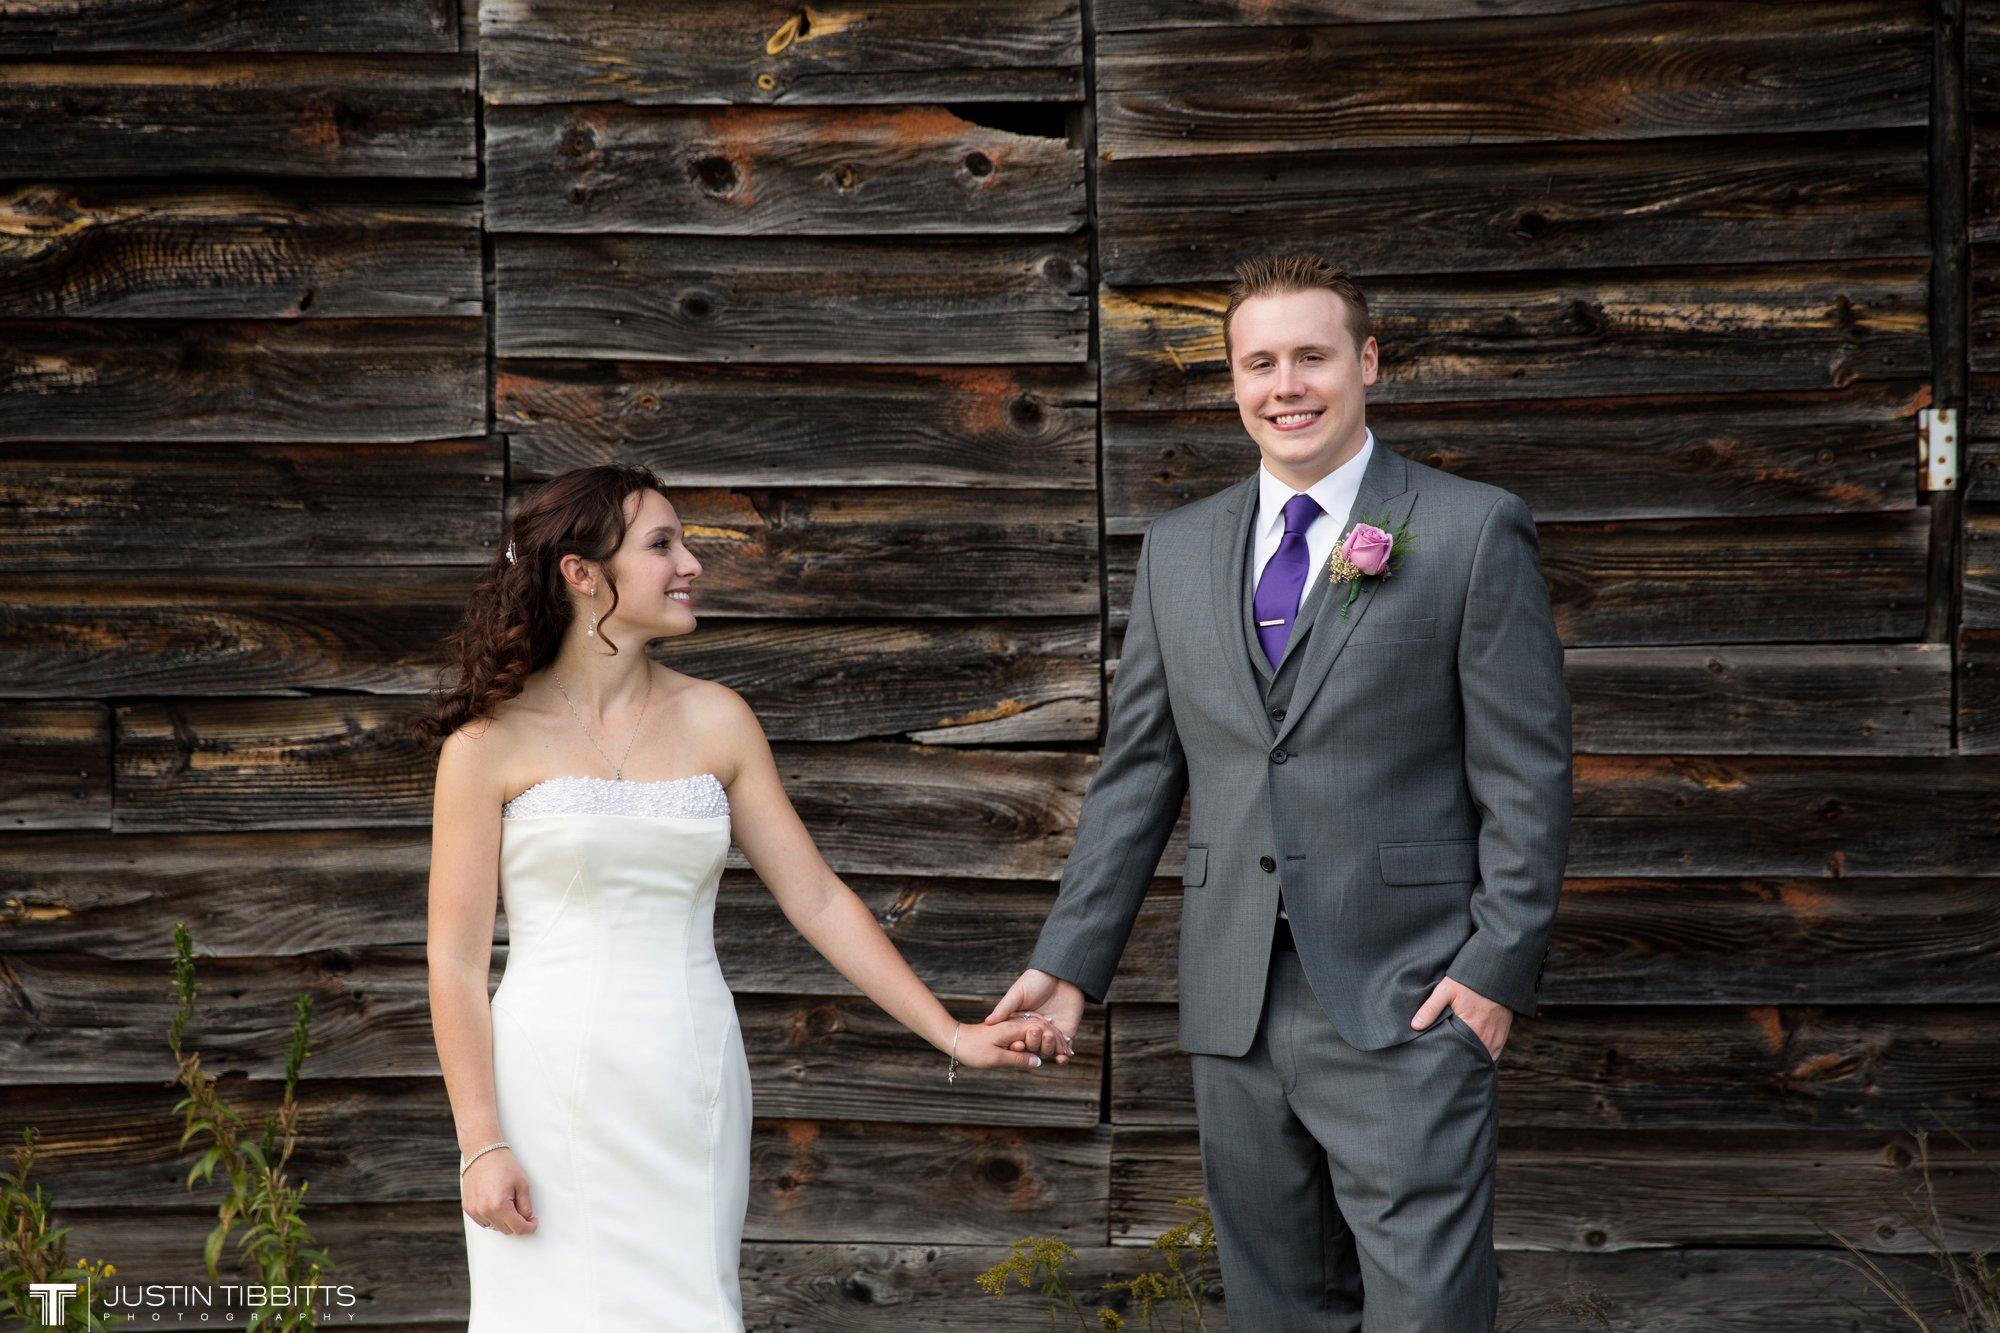 Justin Tibbitts Photography Rob and Brittany's Averill Park, NY Wedding_0405